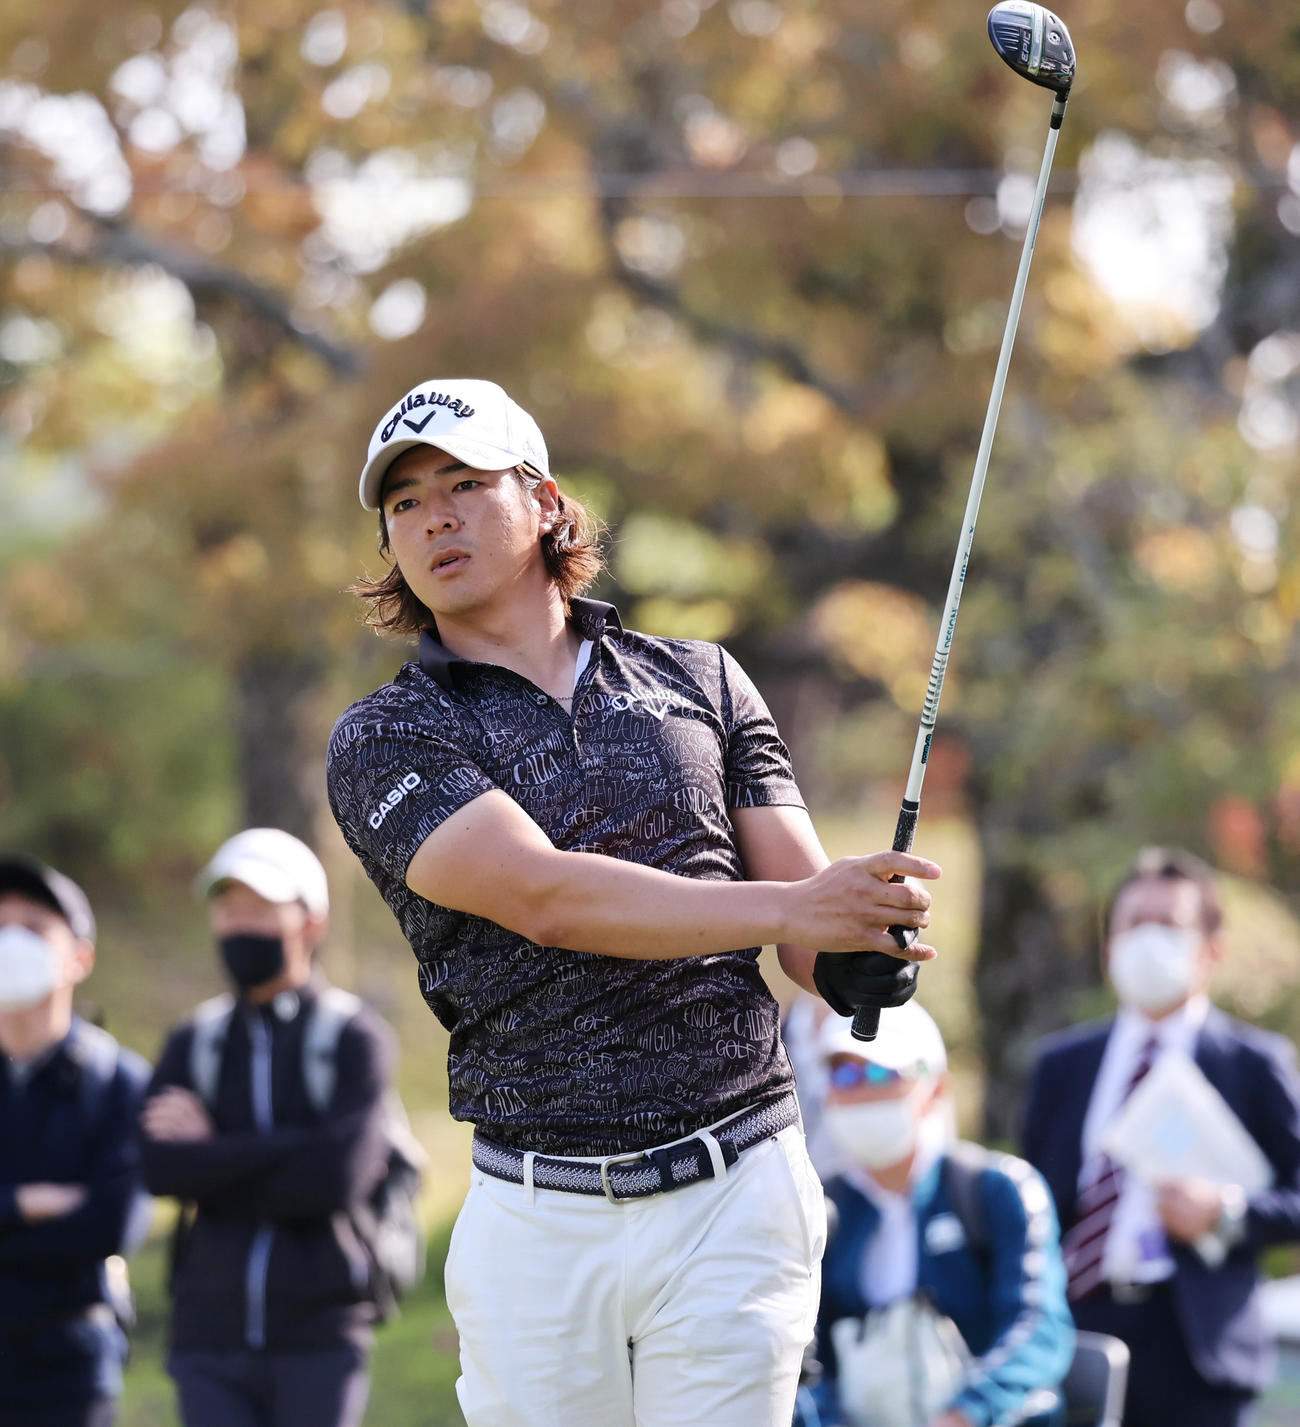 関西オープンゴルフ選手権第1日 1番、ティーショットを放つ石川遼(撮影・清水貴仁)